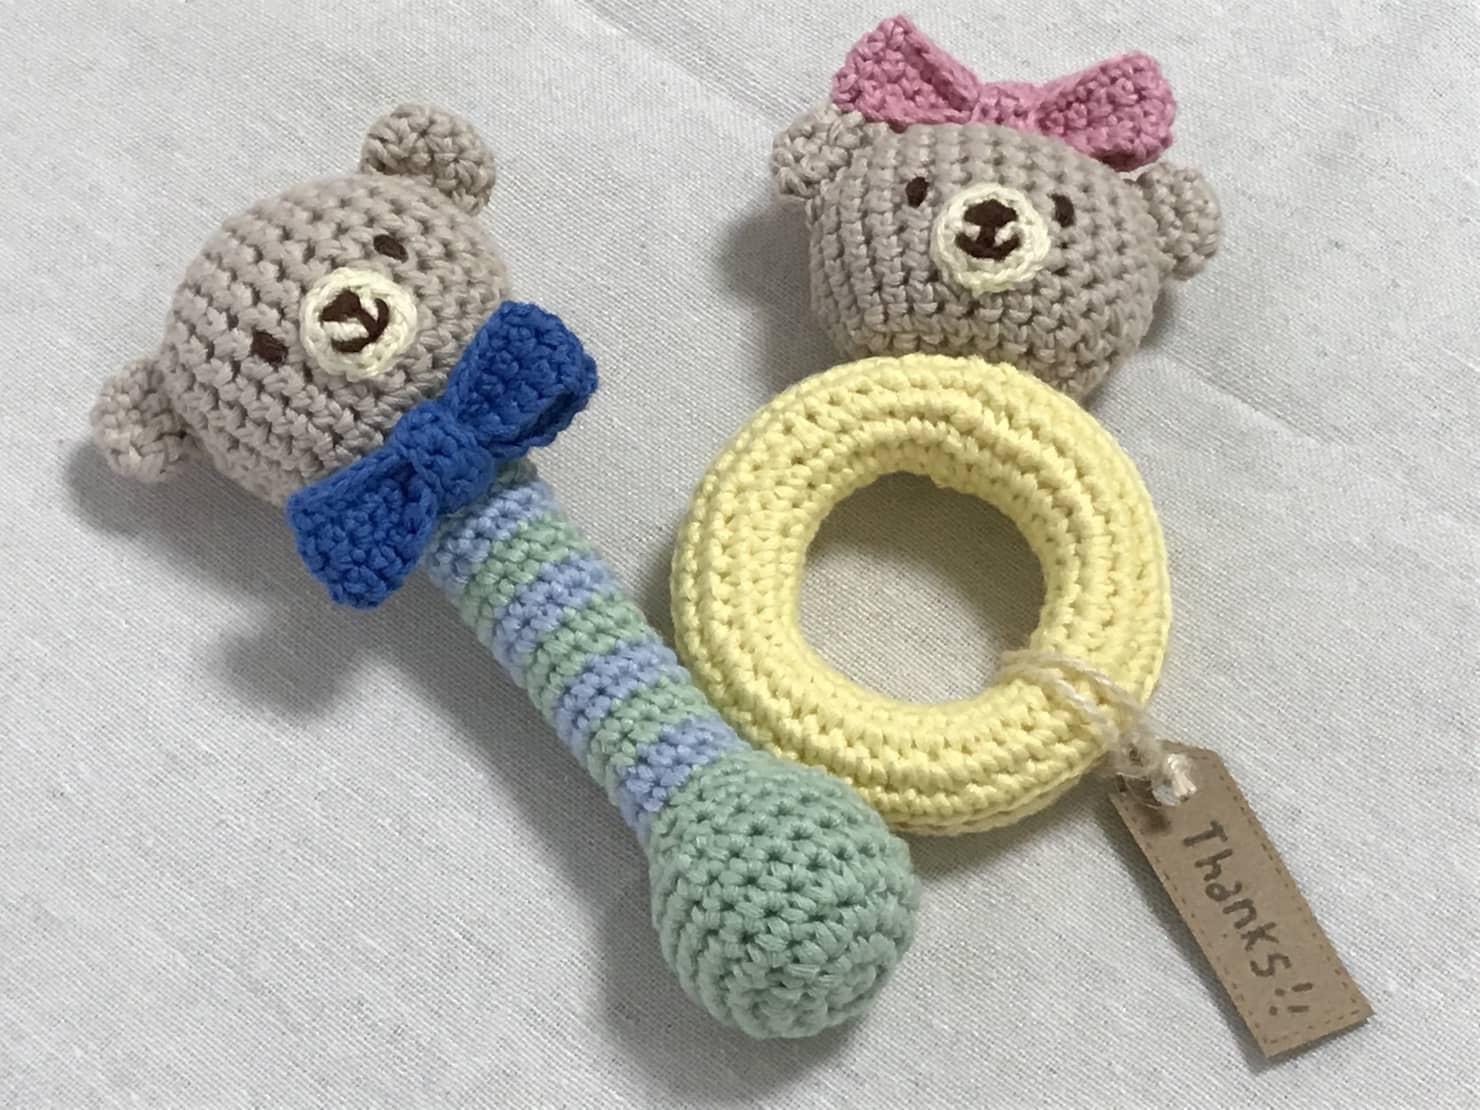 赤ちゃんのおもちゃを選ぶなら手作りがおすすめ! 素材選びと作るヒント集